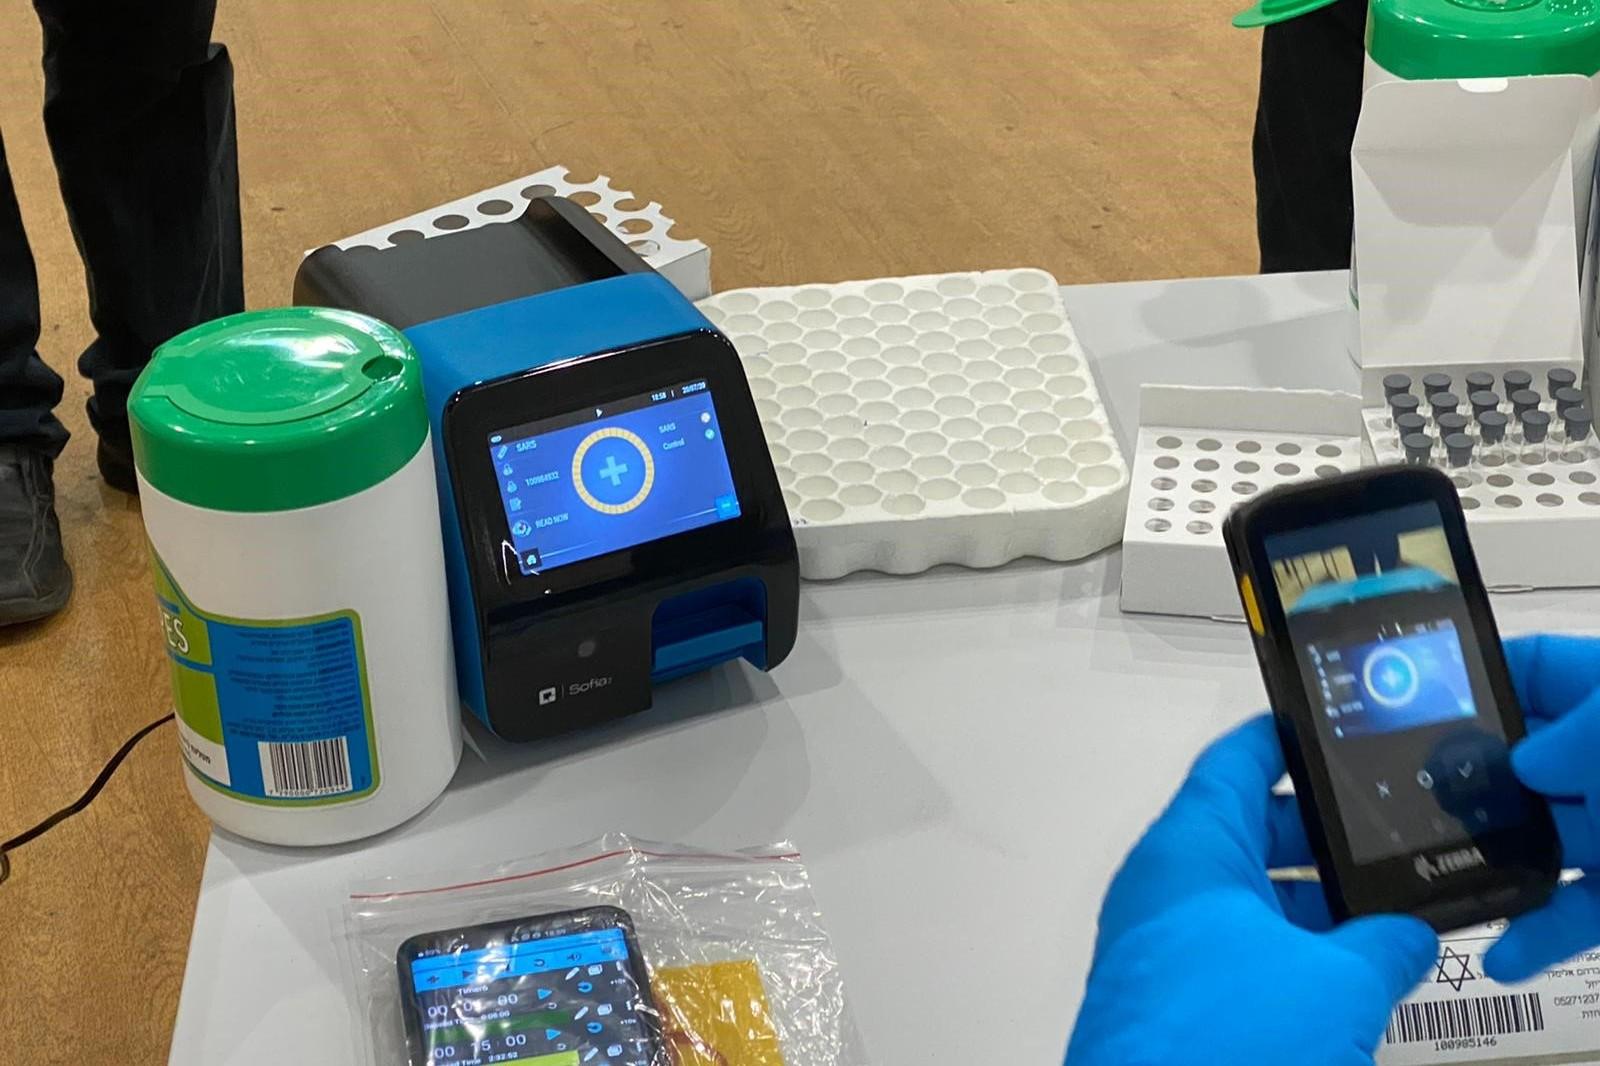 התאחדות התעשיינים החלה בפריסת מכשירי סופיה במפעלים חיוניים לבדיקת קורונה מהירה תוך 15 דקות